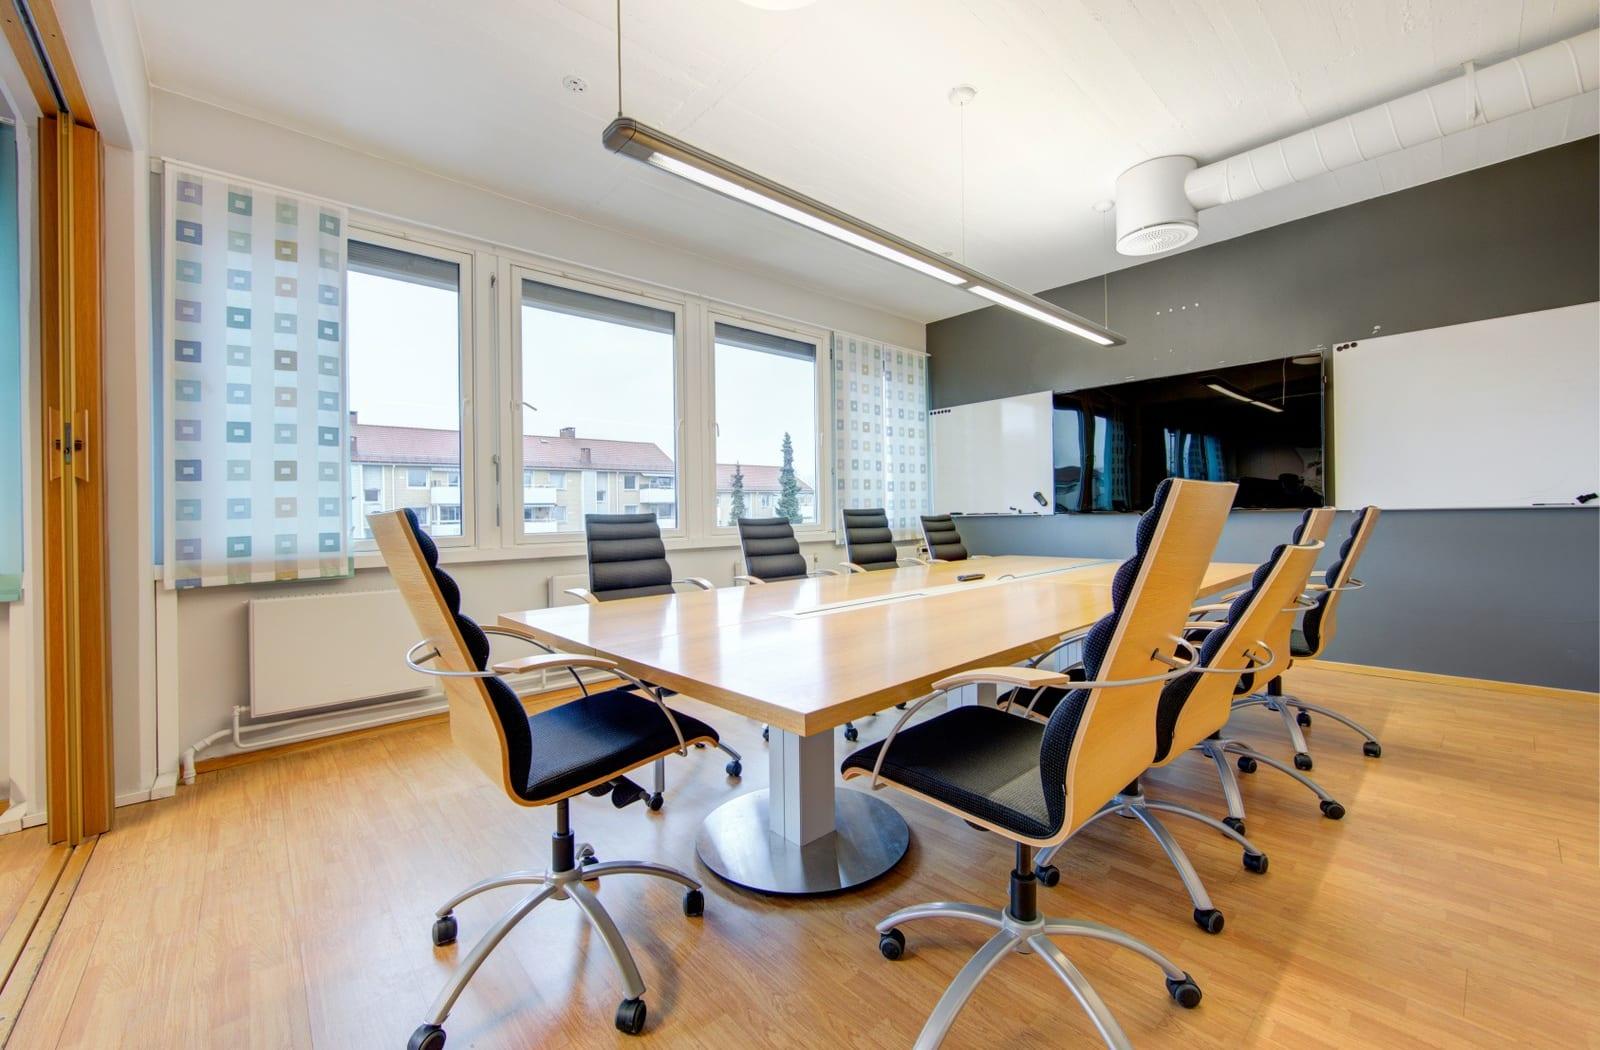 Gode møteromsfasiliteter